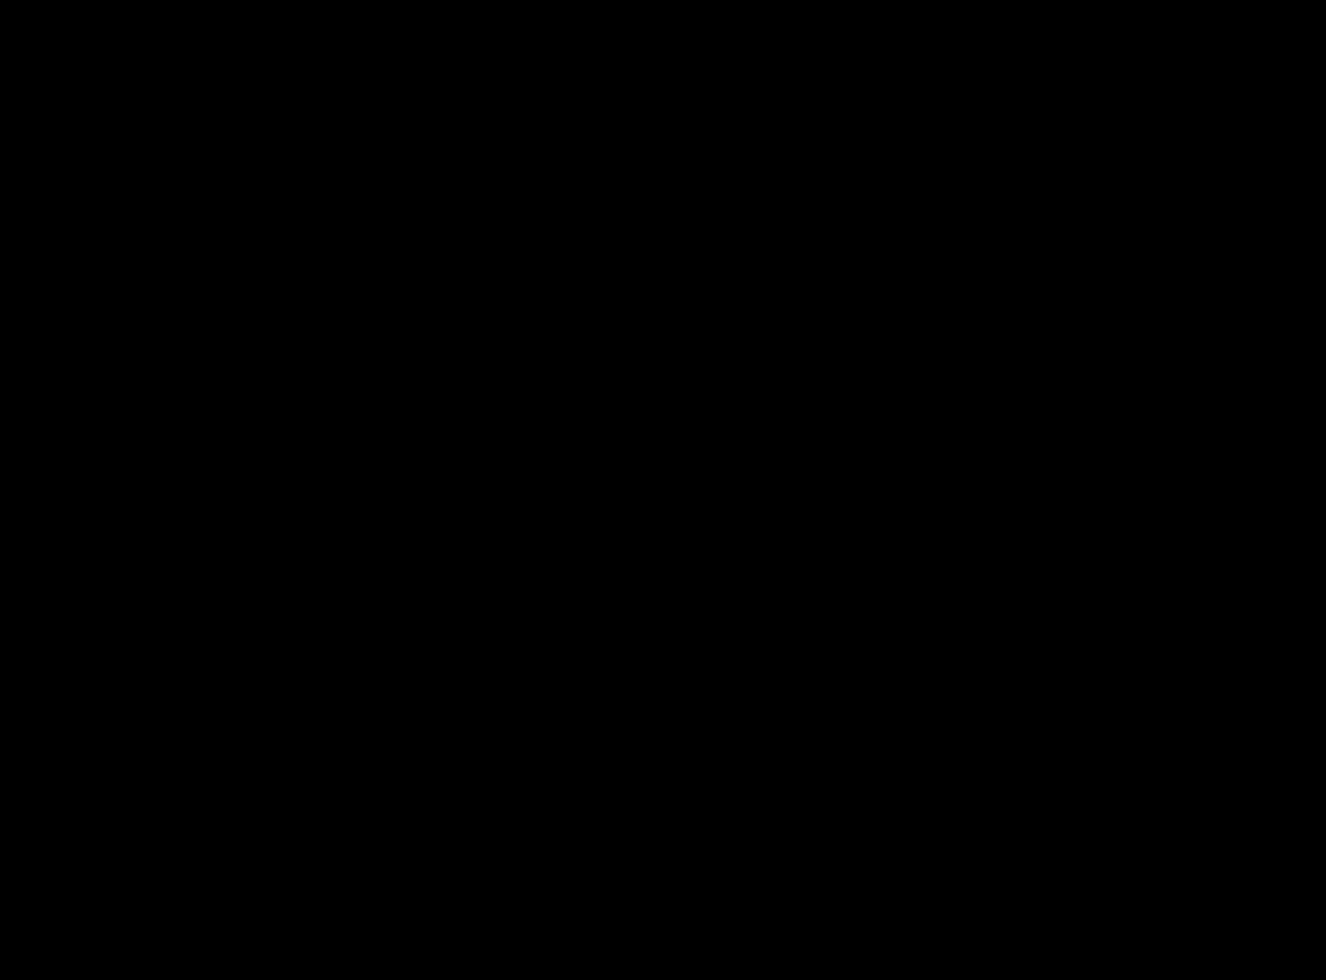 Mountain Logos png